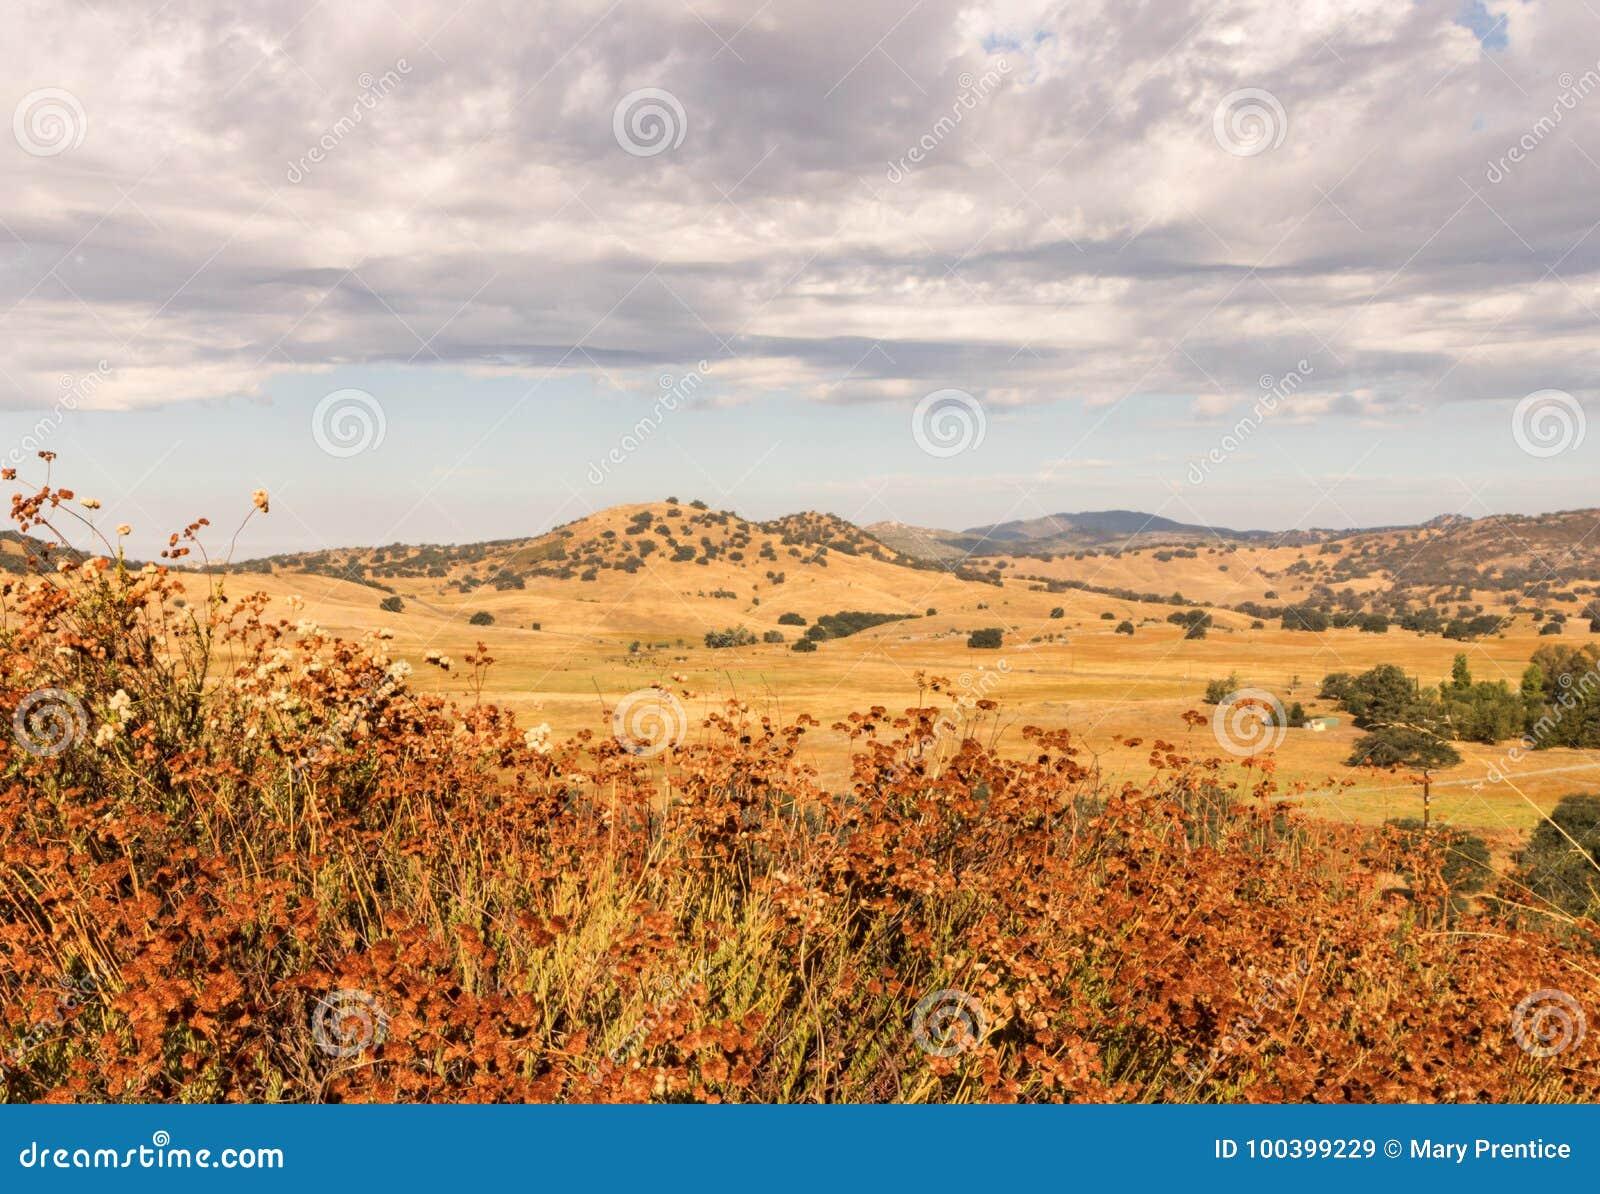 Campos de oro, alforfón, robles, nubes de lluvia del trueno